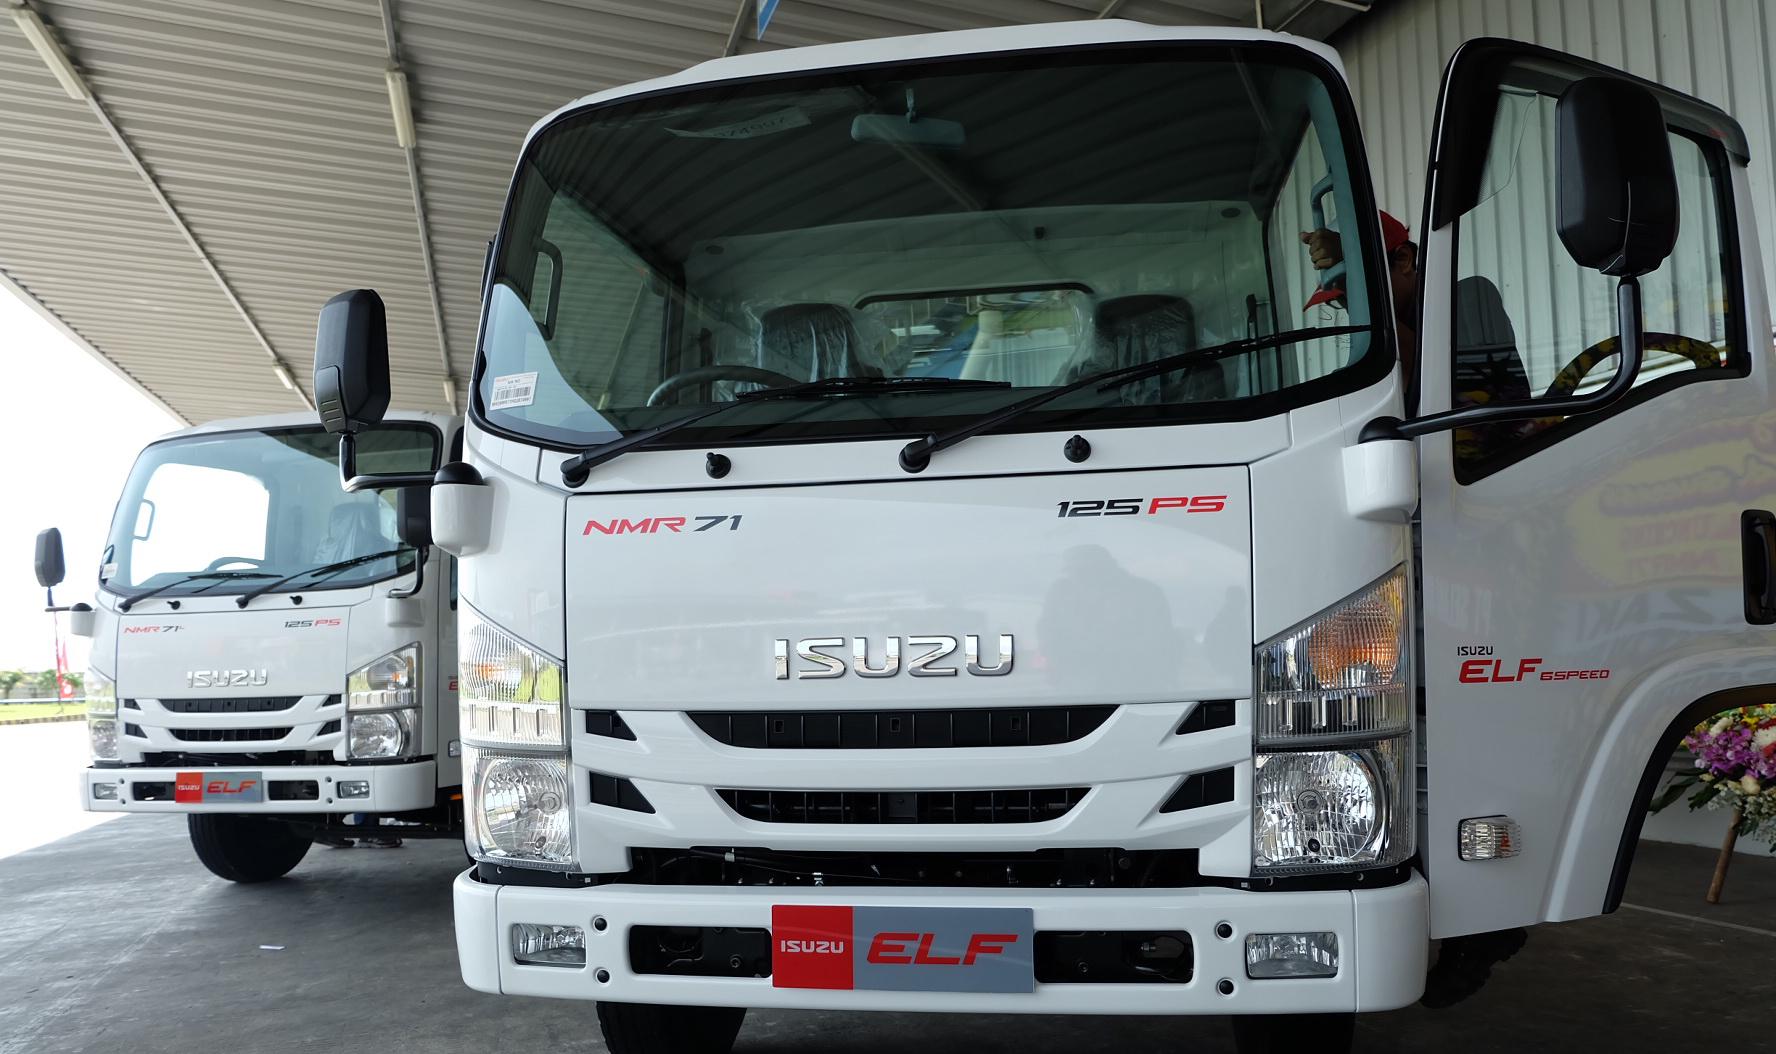 Pameran Truk GIICOMVEC Buka Peluang Peningkatan Pasar Kendaraan